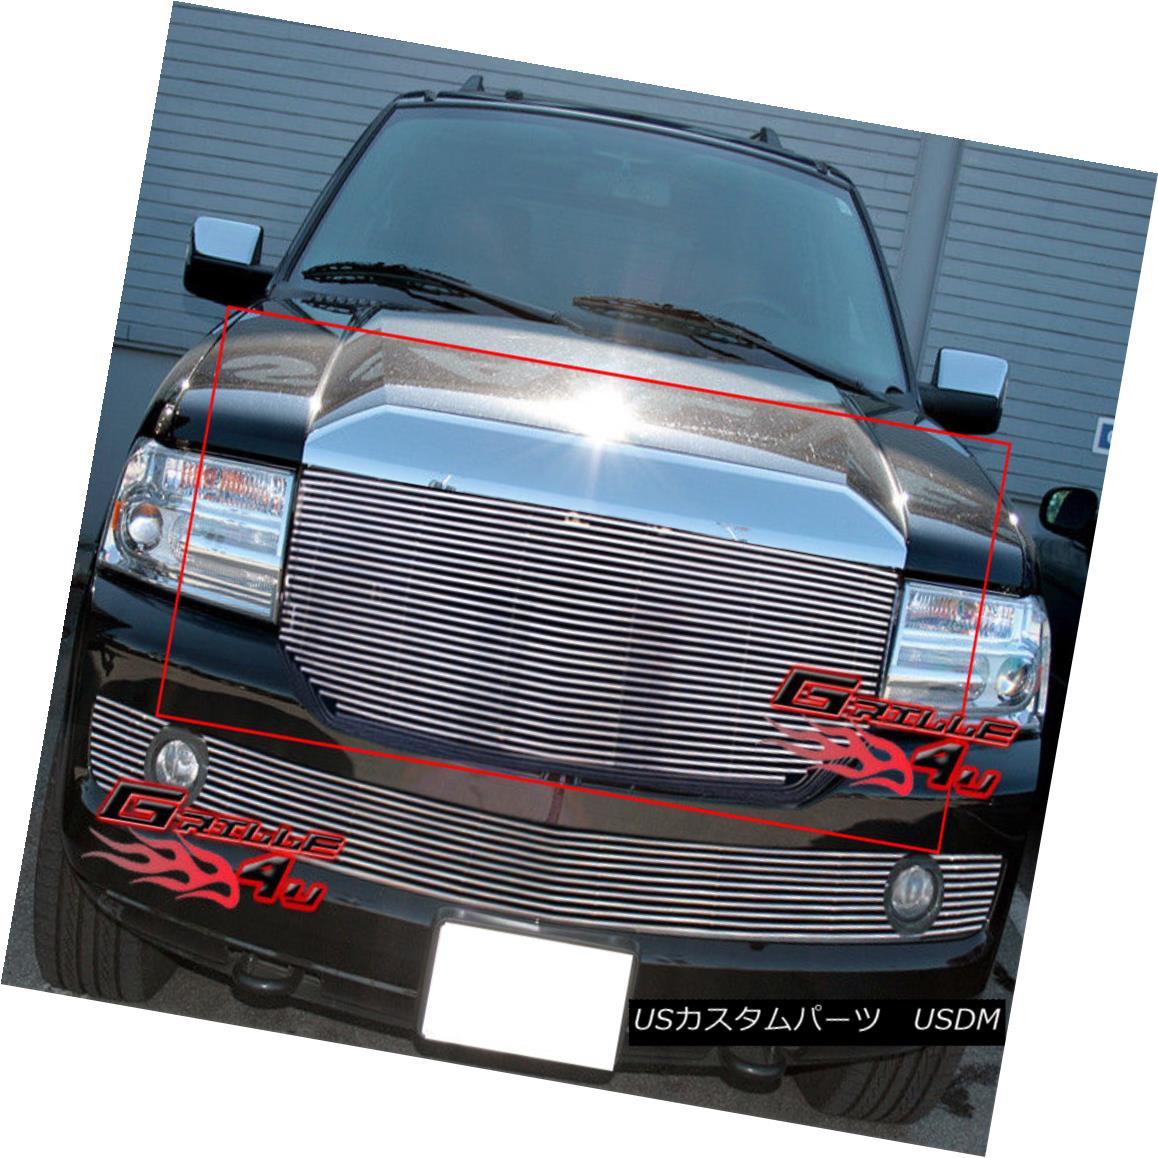 グリル Fits 2007-2014 Lincoln Navigator Main Upper Billet Grille Grill Insert フィット2007-2014リンカーンナビゲーターメインアッパービレットグリルグリルインサート